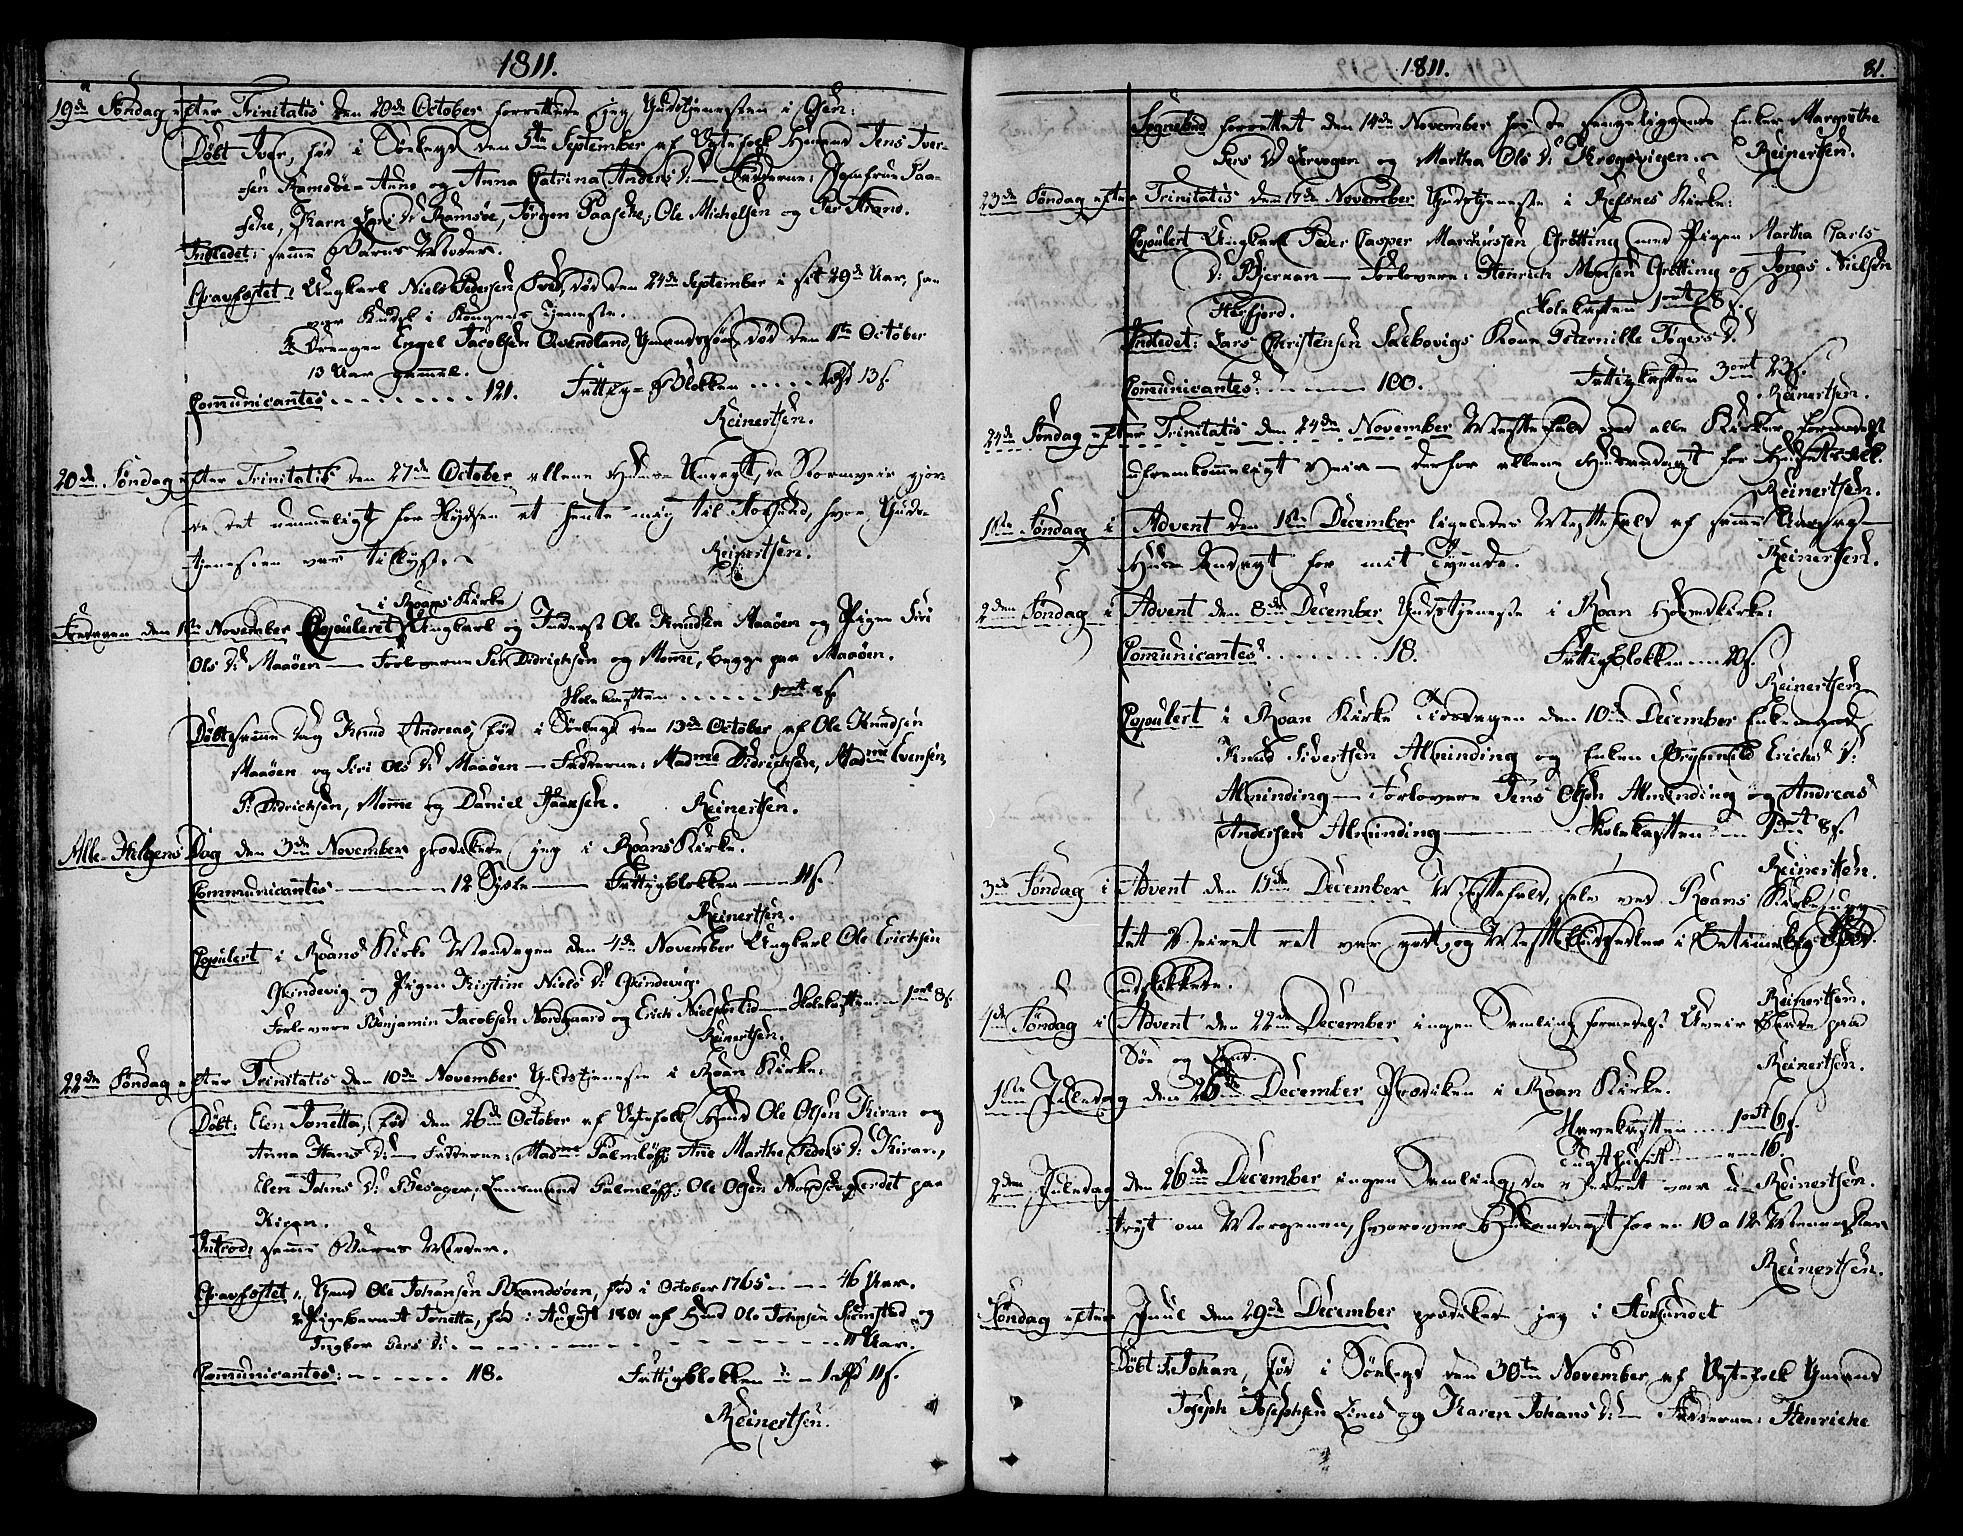 SAT, Ministerialprotokoller, klokkerbøker og fødselsregistre - Sør-Trøndelag, 657/L0701: Ministerialbok nr. 657A02, 1802-1831, s. 81